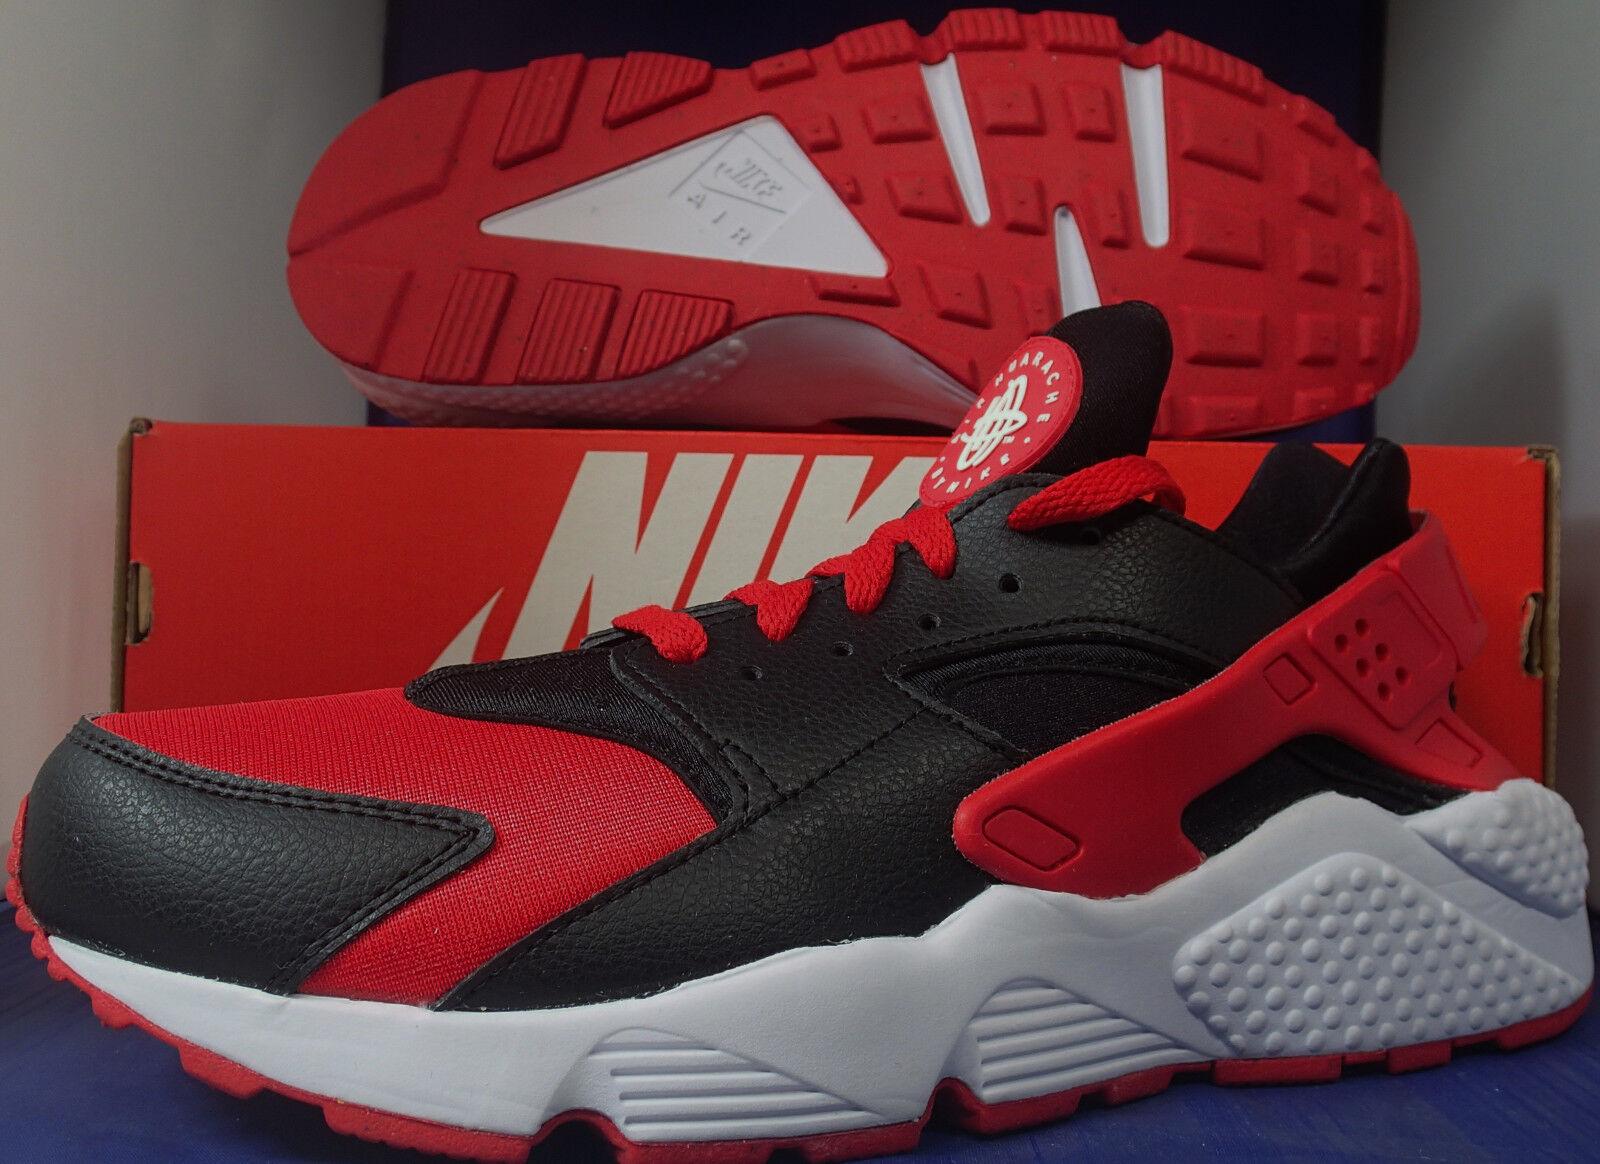 Nike air huarache correre id id id università rosso - bianco - nero sz 9,5 (777330-994) | Superficie facile da pulire  | Scolaro/Signora Scarpa  76227d